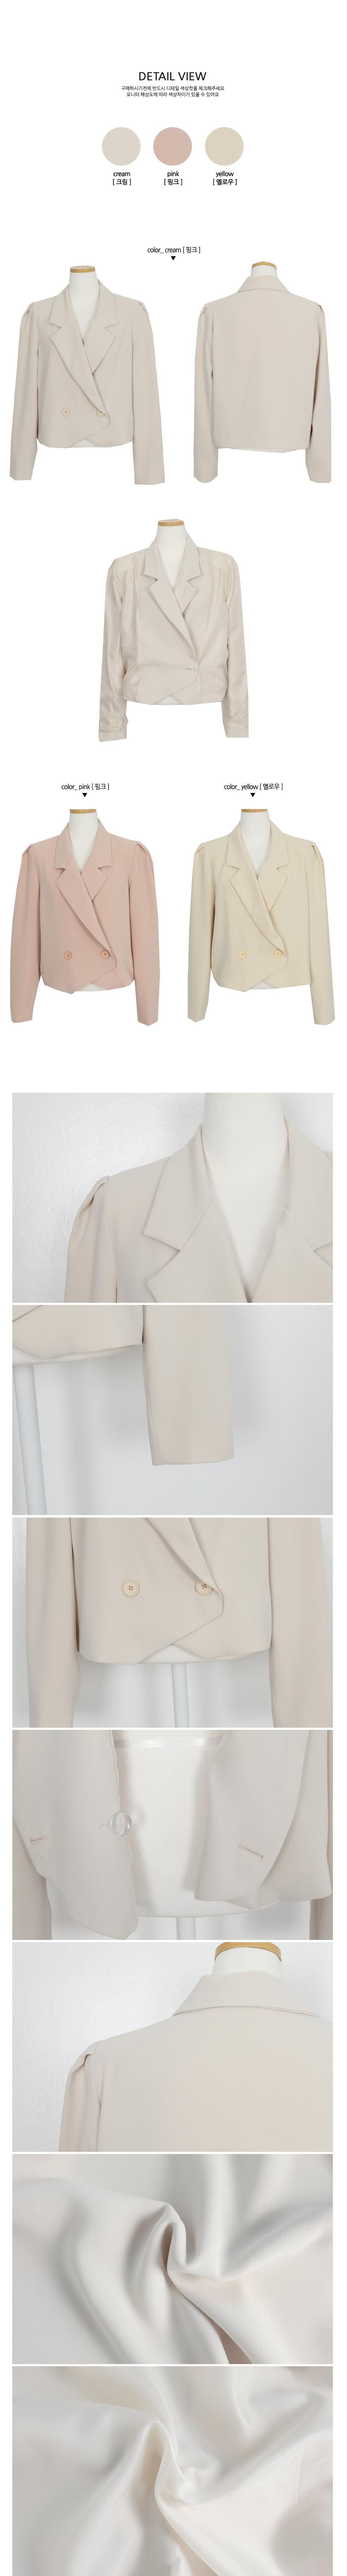 Raypuff cropped jacket